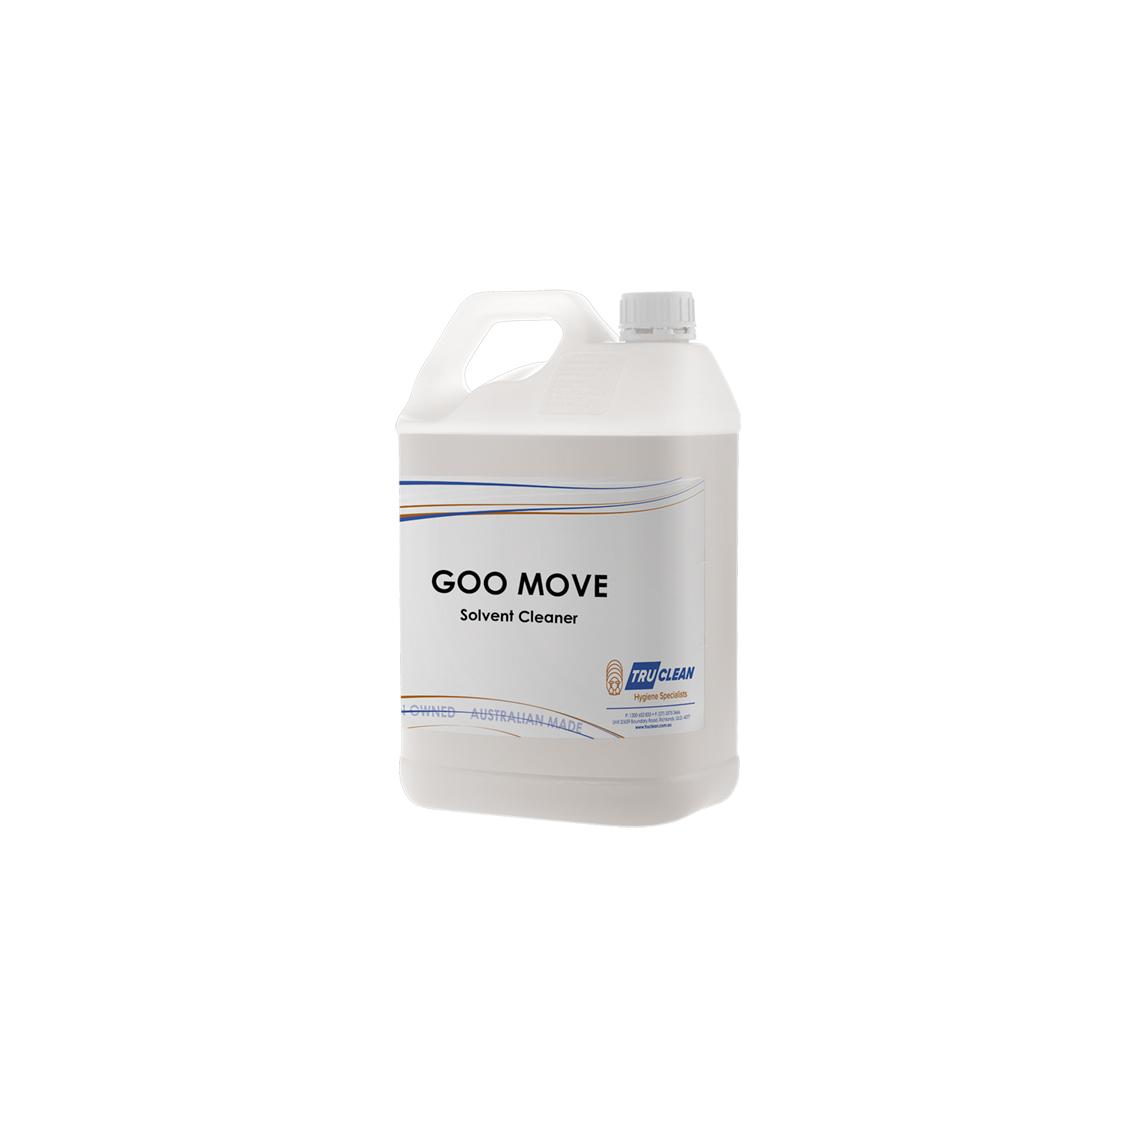 Goo Move